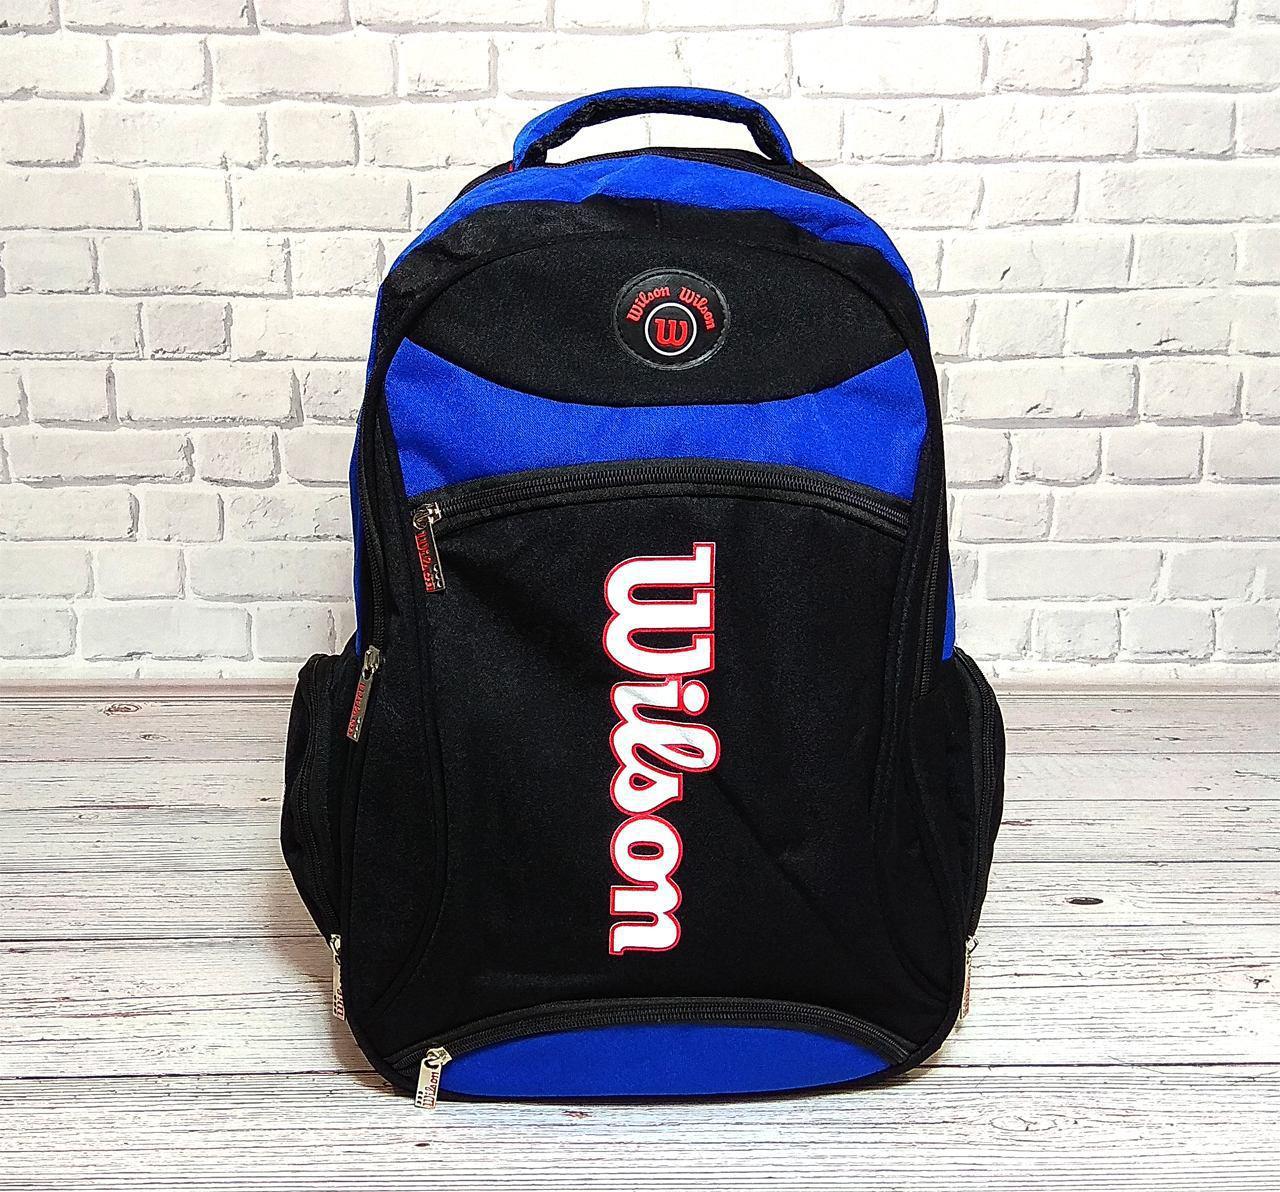 Вместительный рюкзак Wilson для школы спорта Черный с синим TOPvse